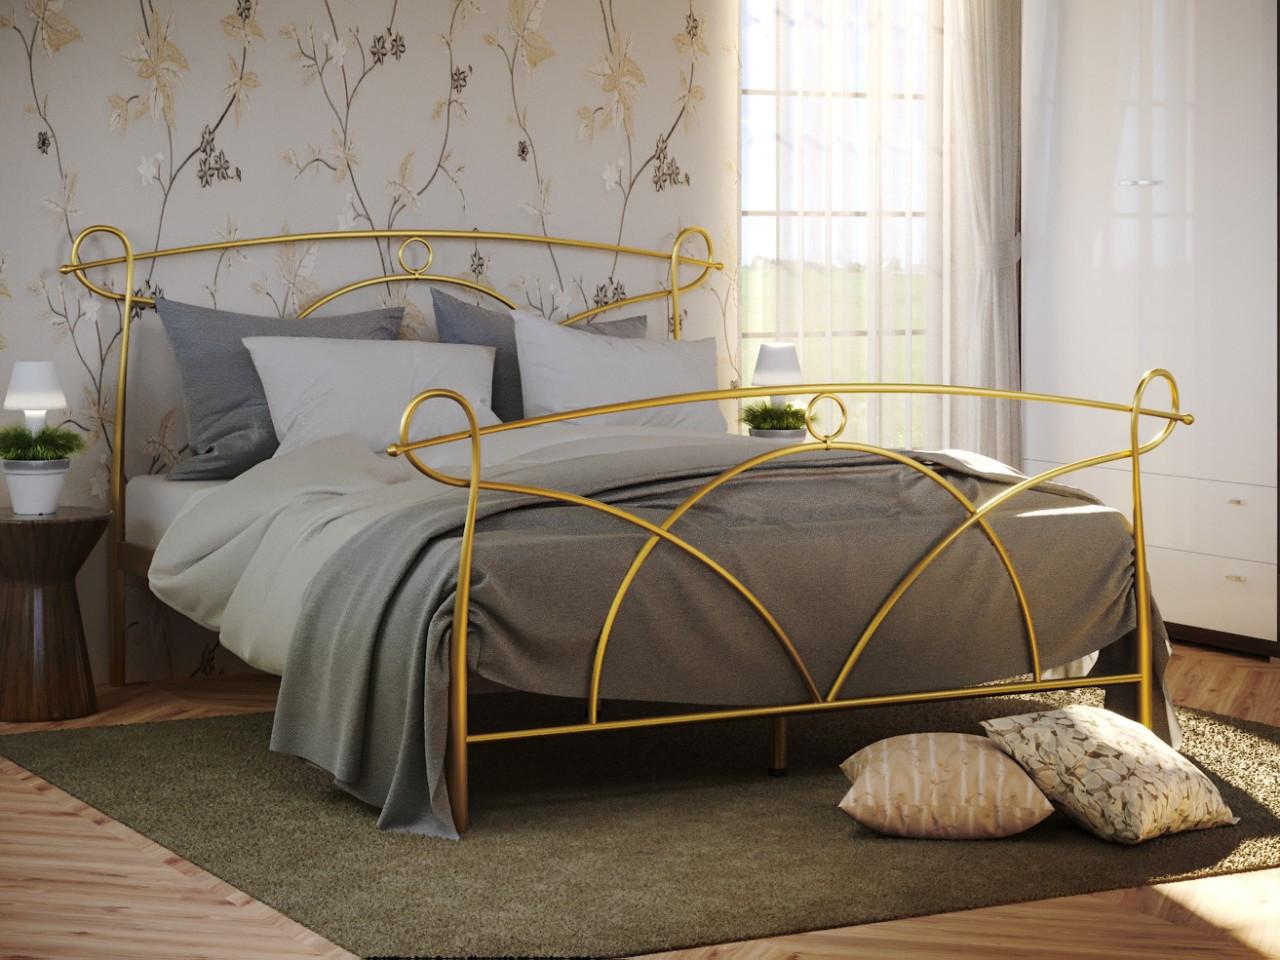 Кровать металлическая Флоренция-2 (Florencia-2 PRESTIGE)